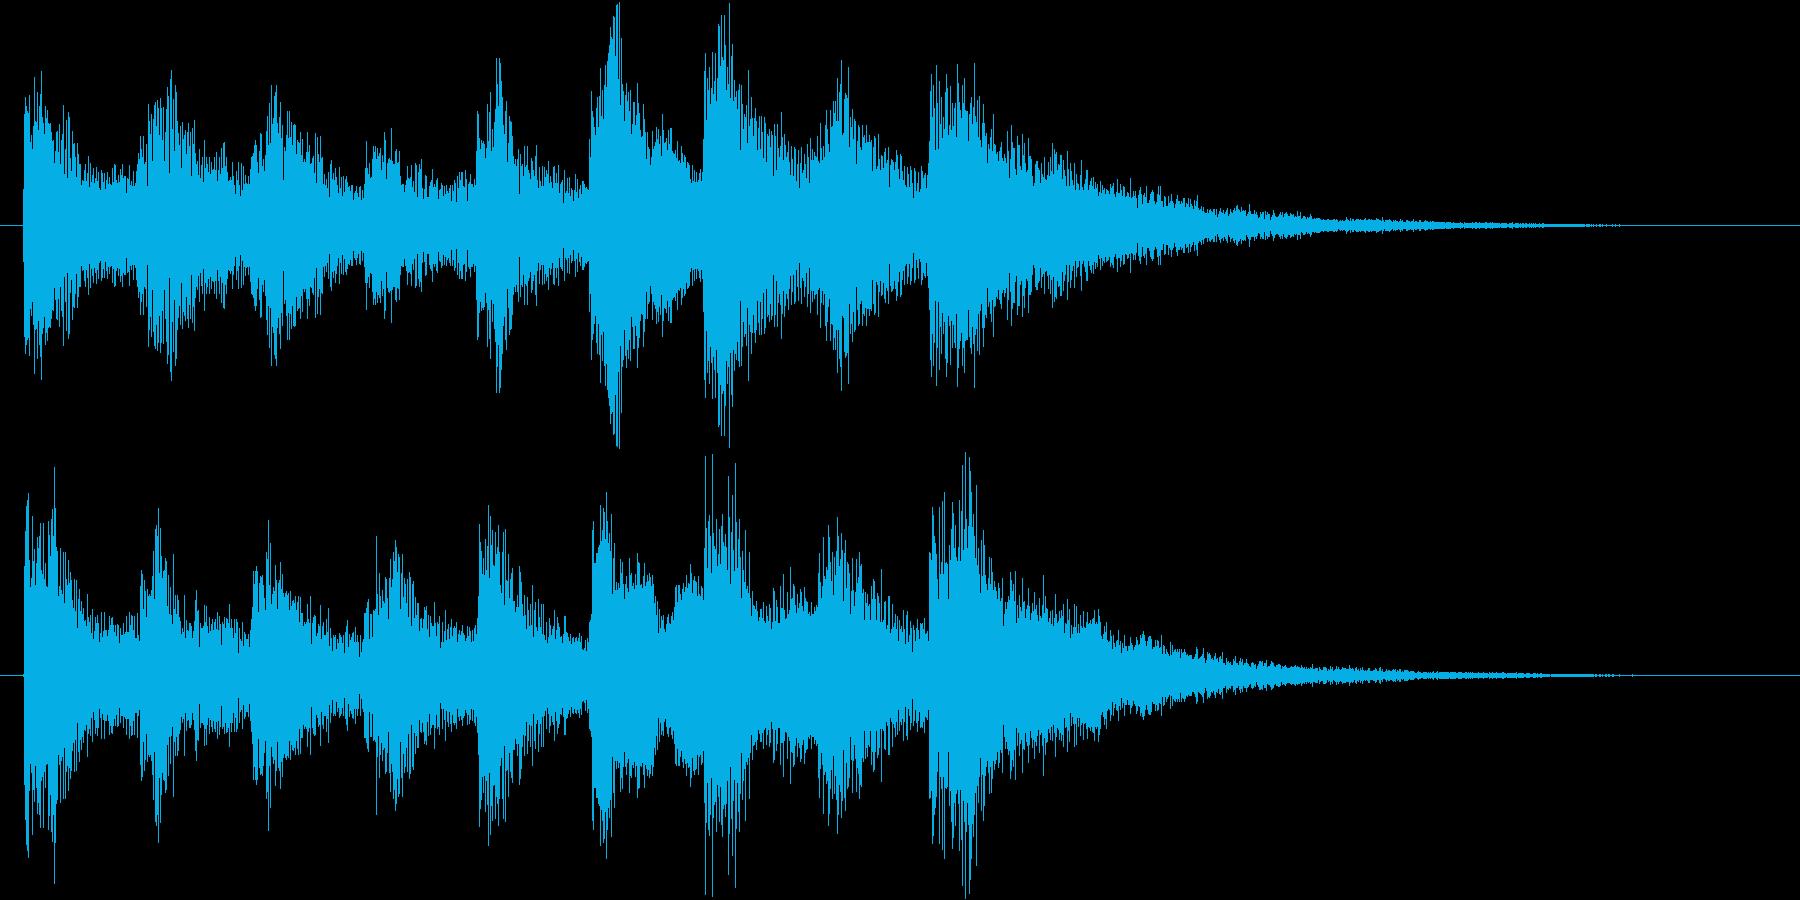 アイテムゲットやクエストクリアのSE の再生済みの波形